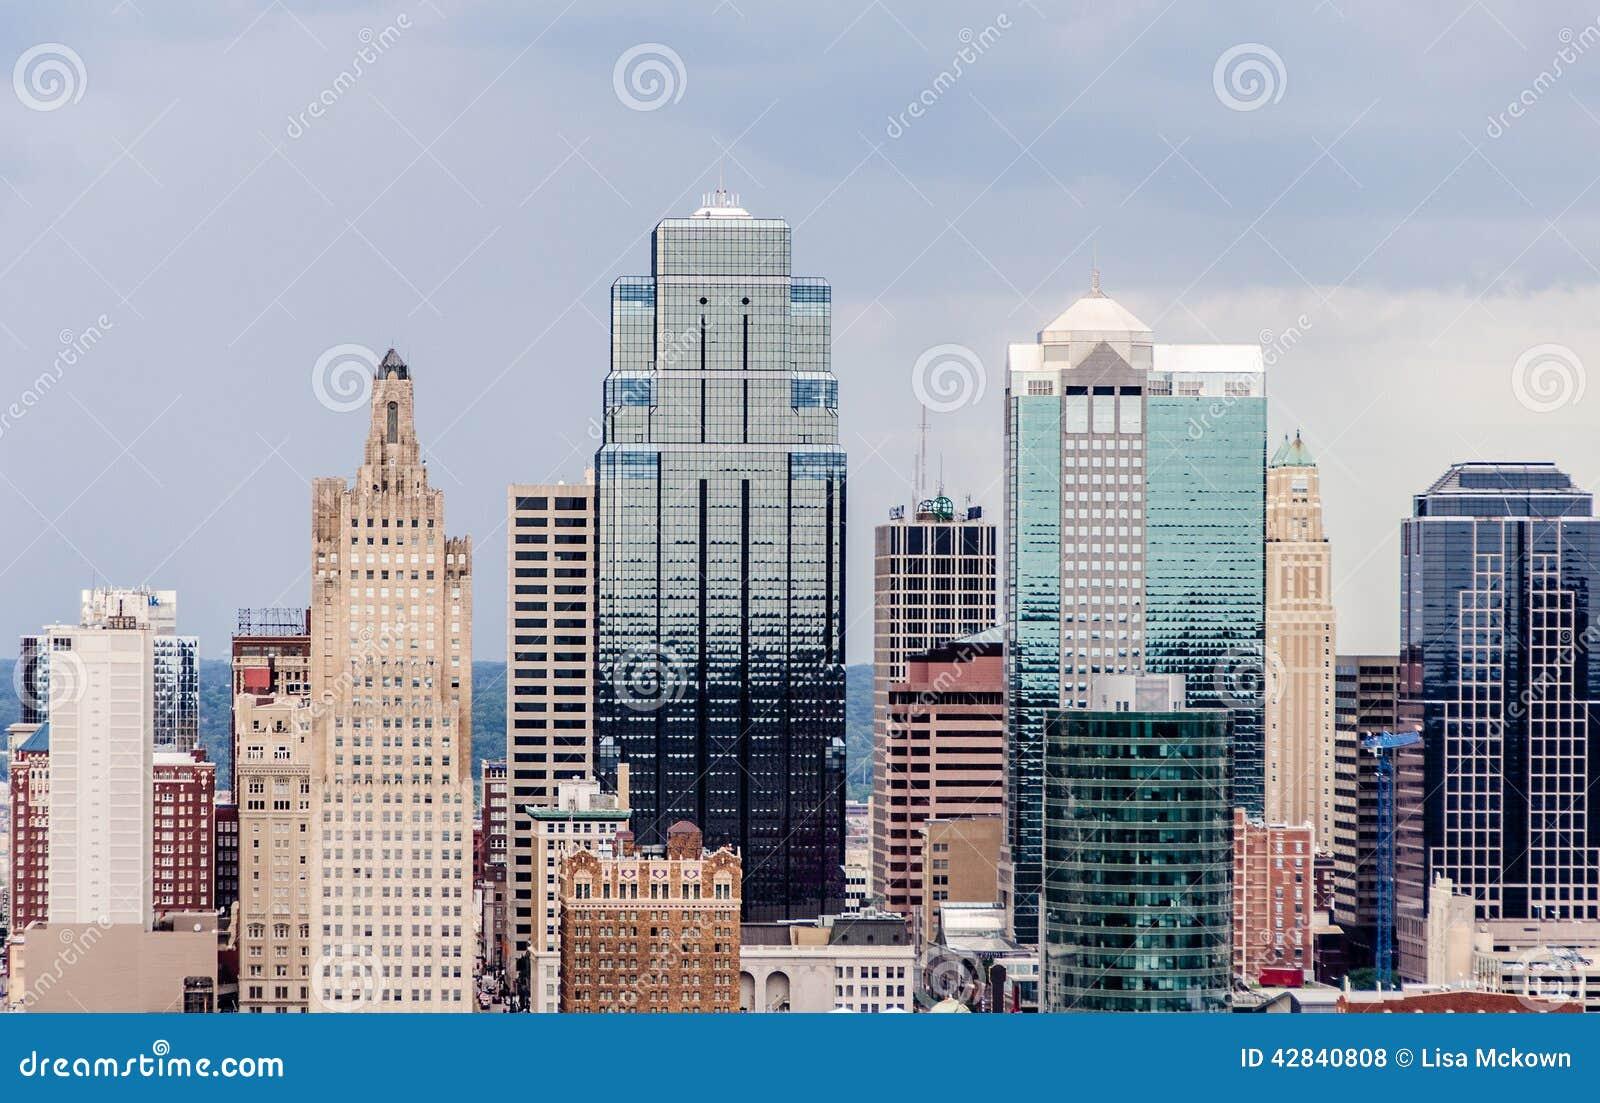 Μια άποψη της στο κέντρο της πόλης πόλης του Κάνσας